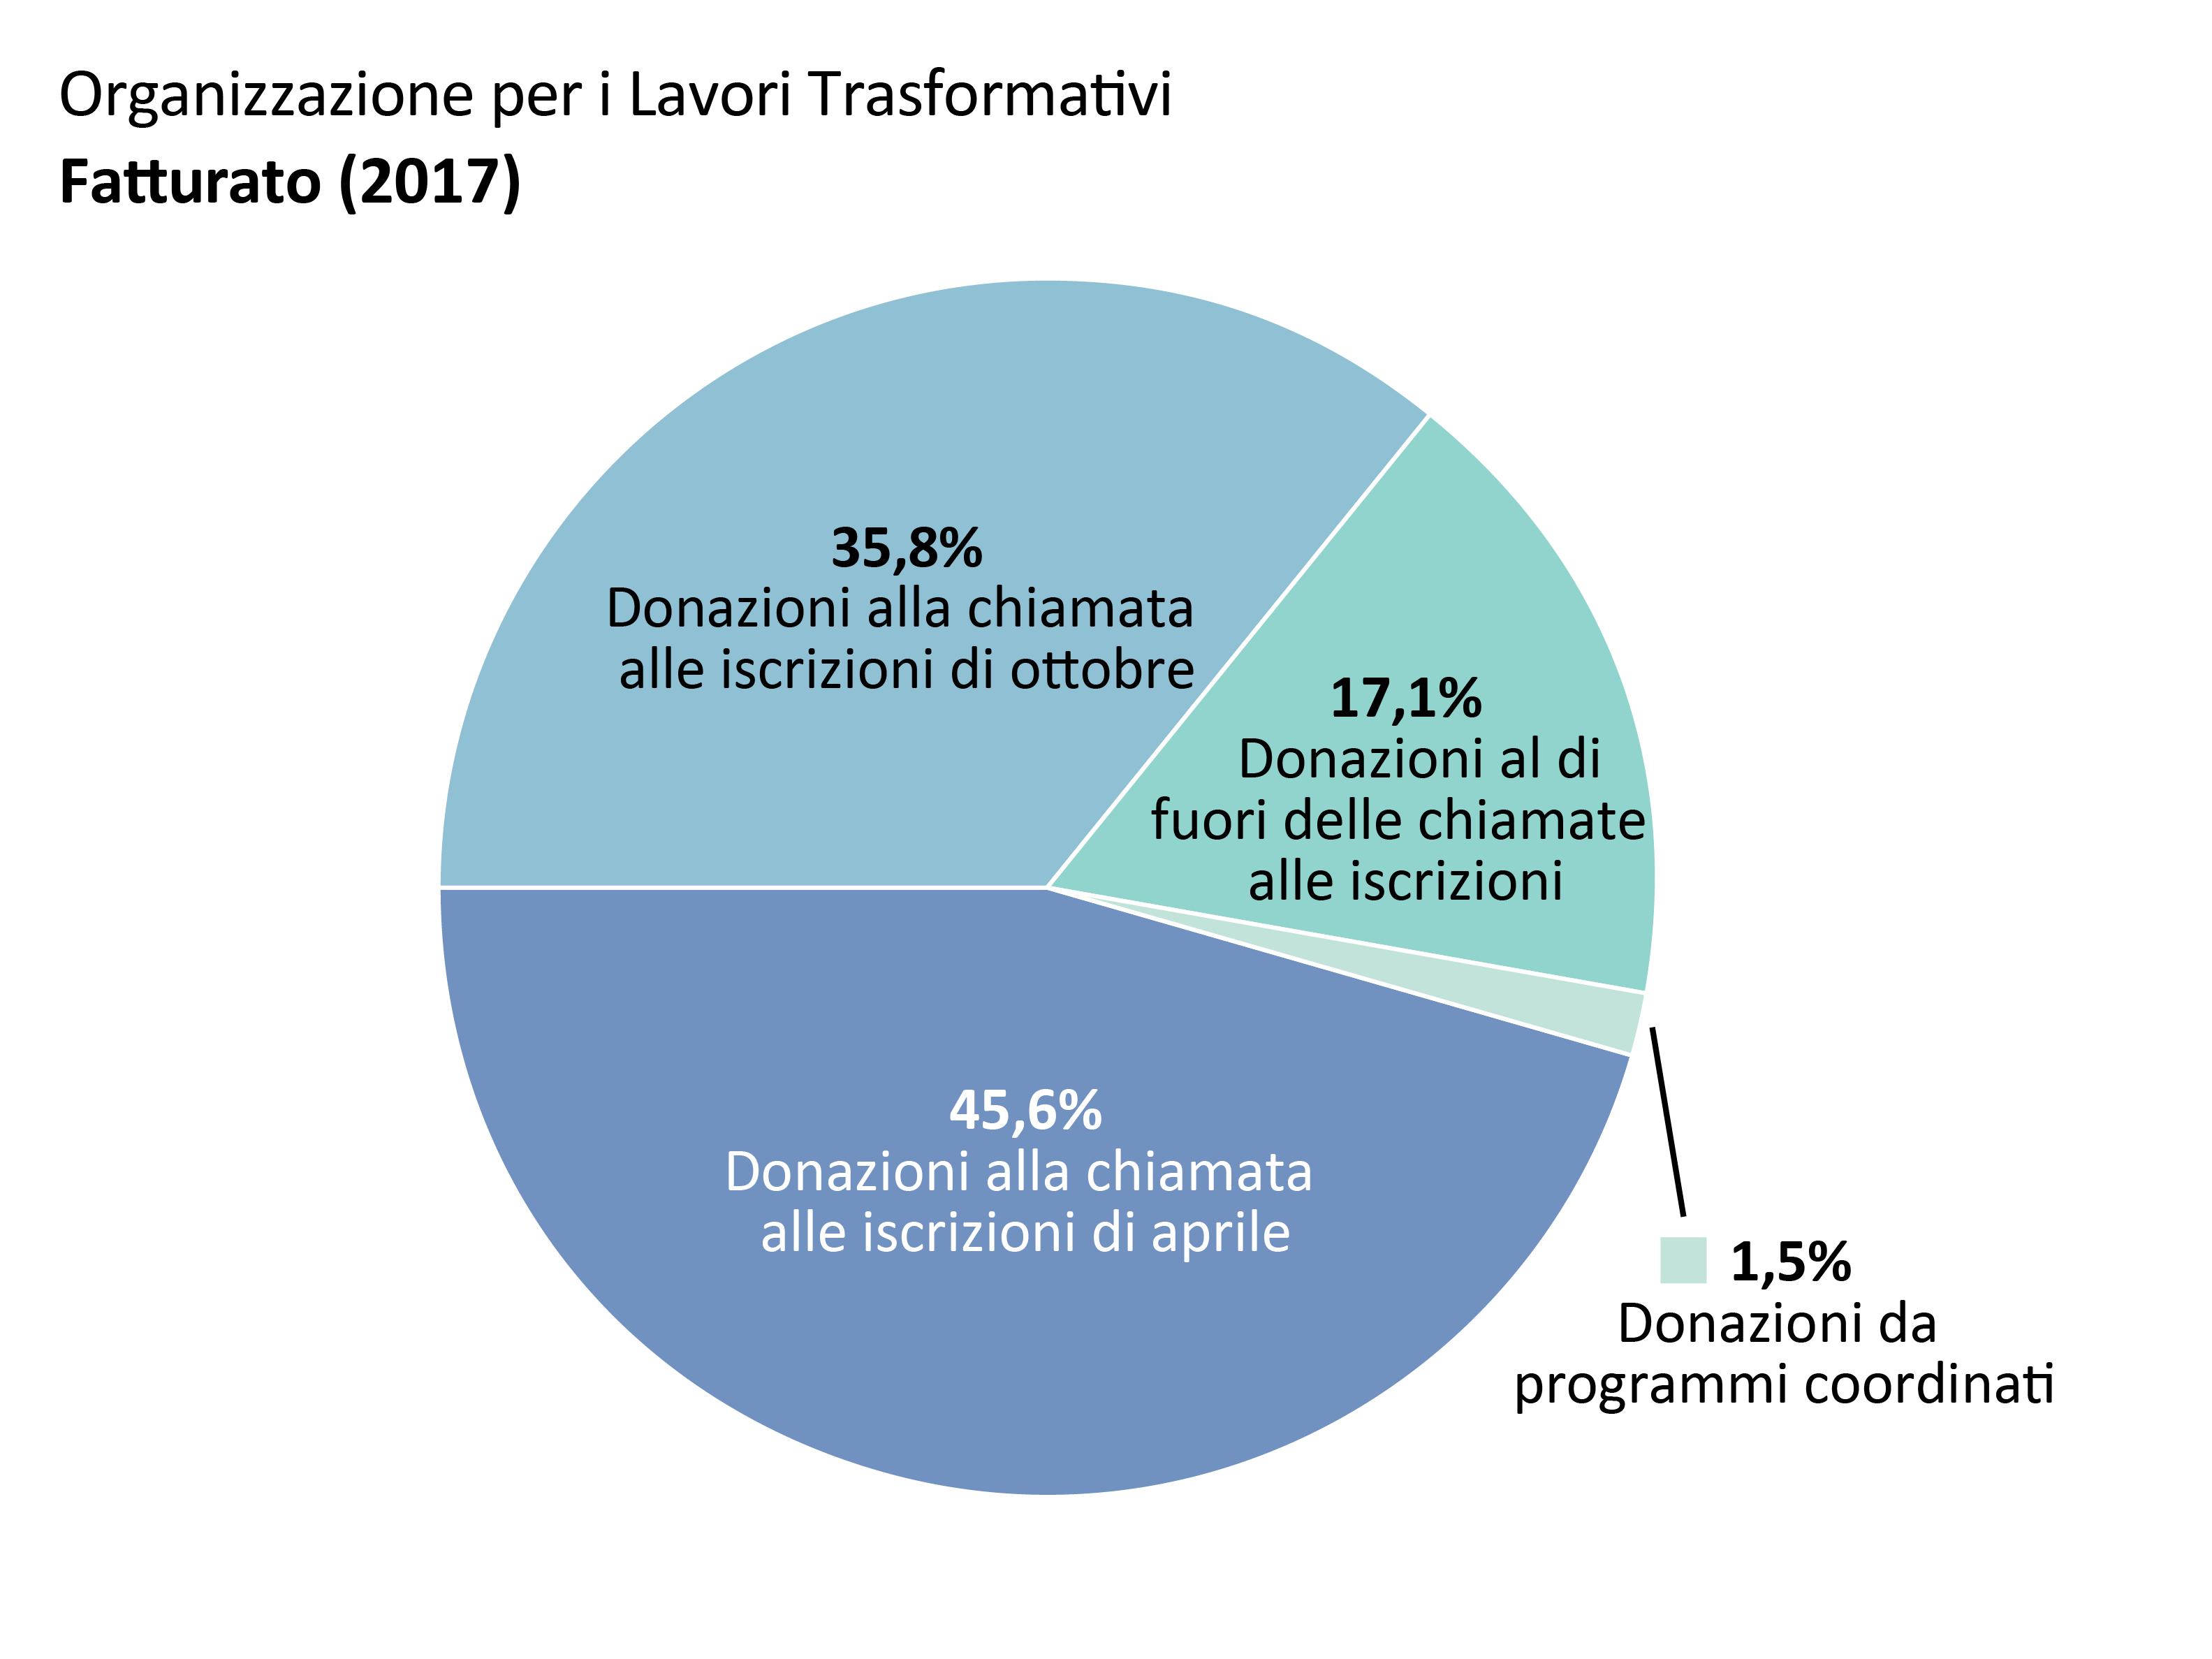 Fatturato OTW: donazioni dalla chiamata fondi di aprile: 45,6%, donazioni dalla chiamata fondi di ottobre: 35,8%. Donazioni al di fuori delle chiamate fondi: 17,1%. Donazioni da programmi coordinati: 1,5%.